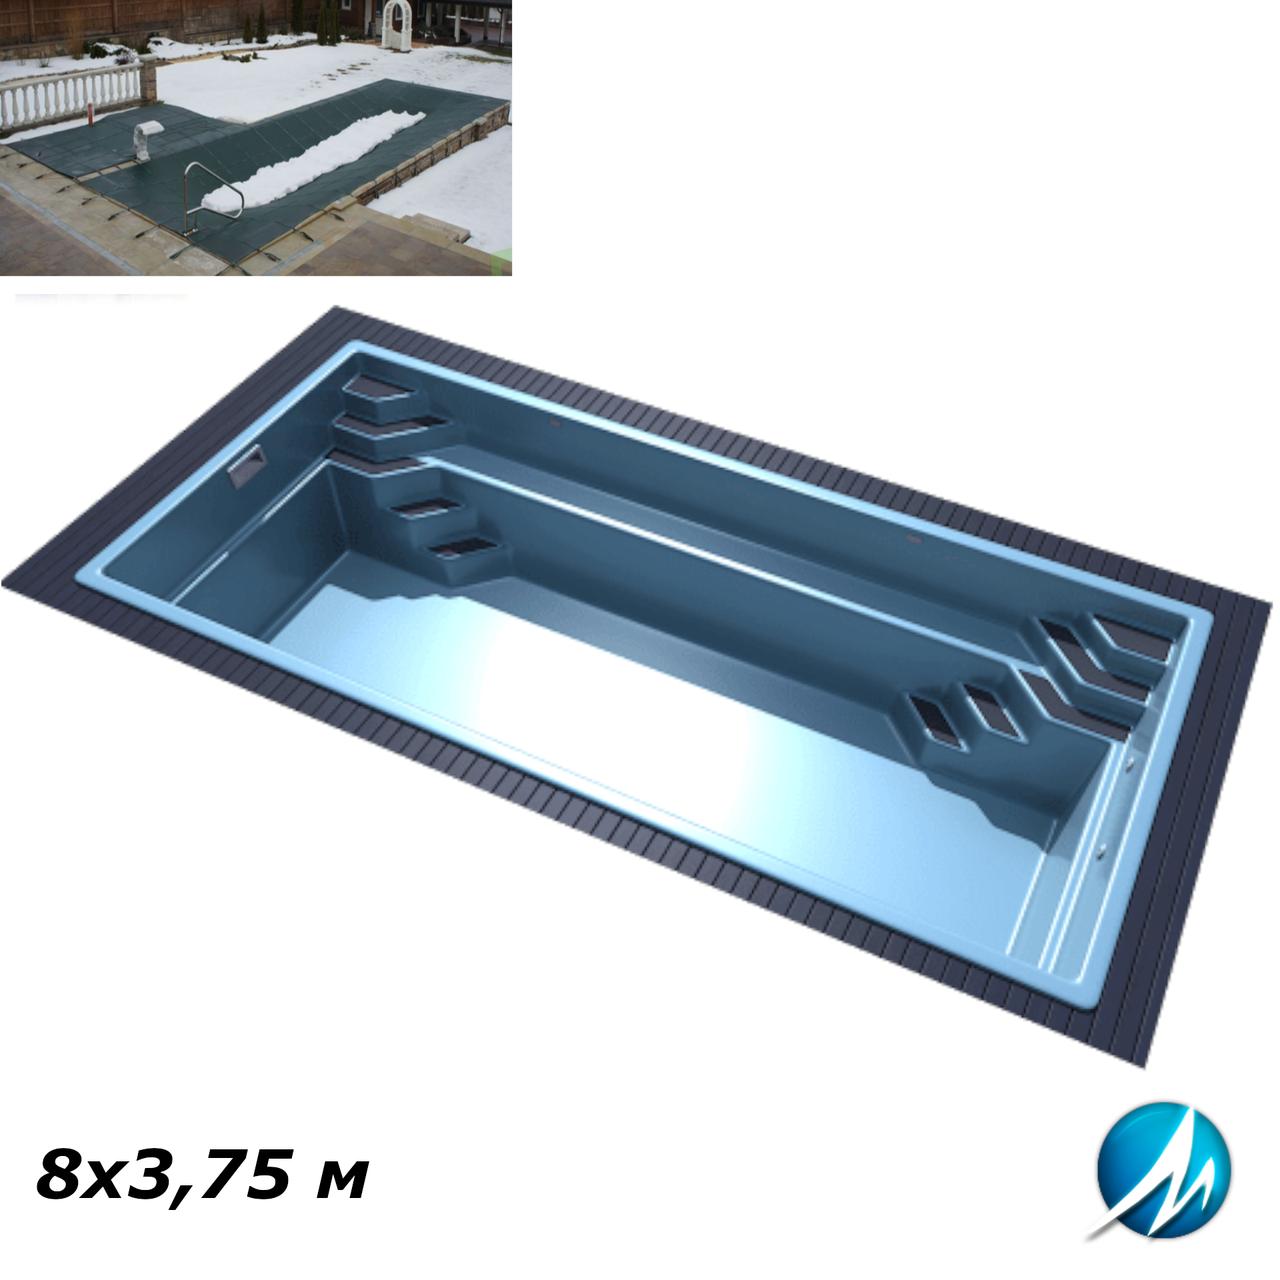 Зимнее накрытие для стекловолоконного бассейна 8х3,75 м